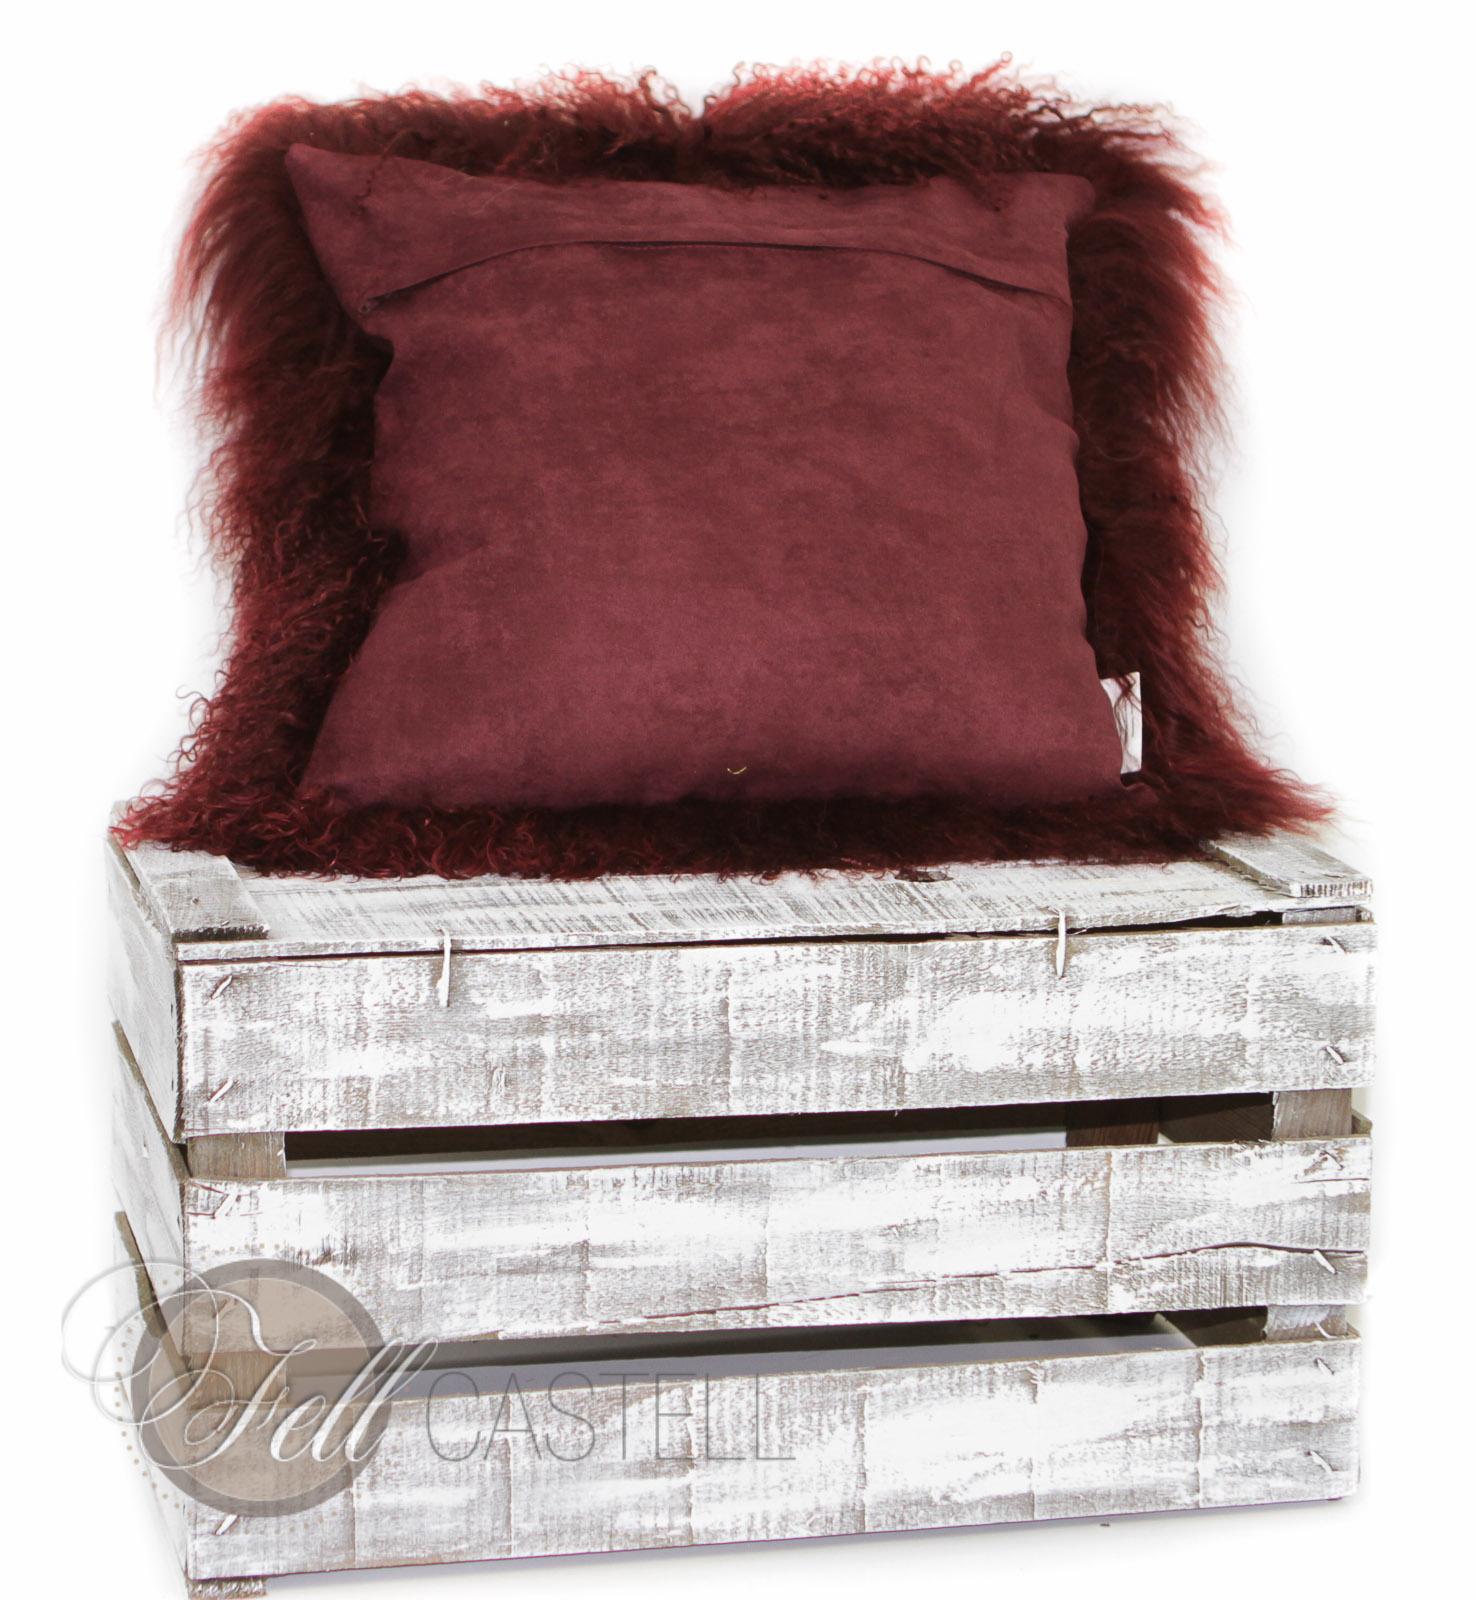 poduszka ze skóry owcy tybetanskiej szara briesa 30 x 30 cm 30 x 30 cm